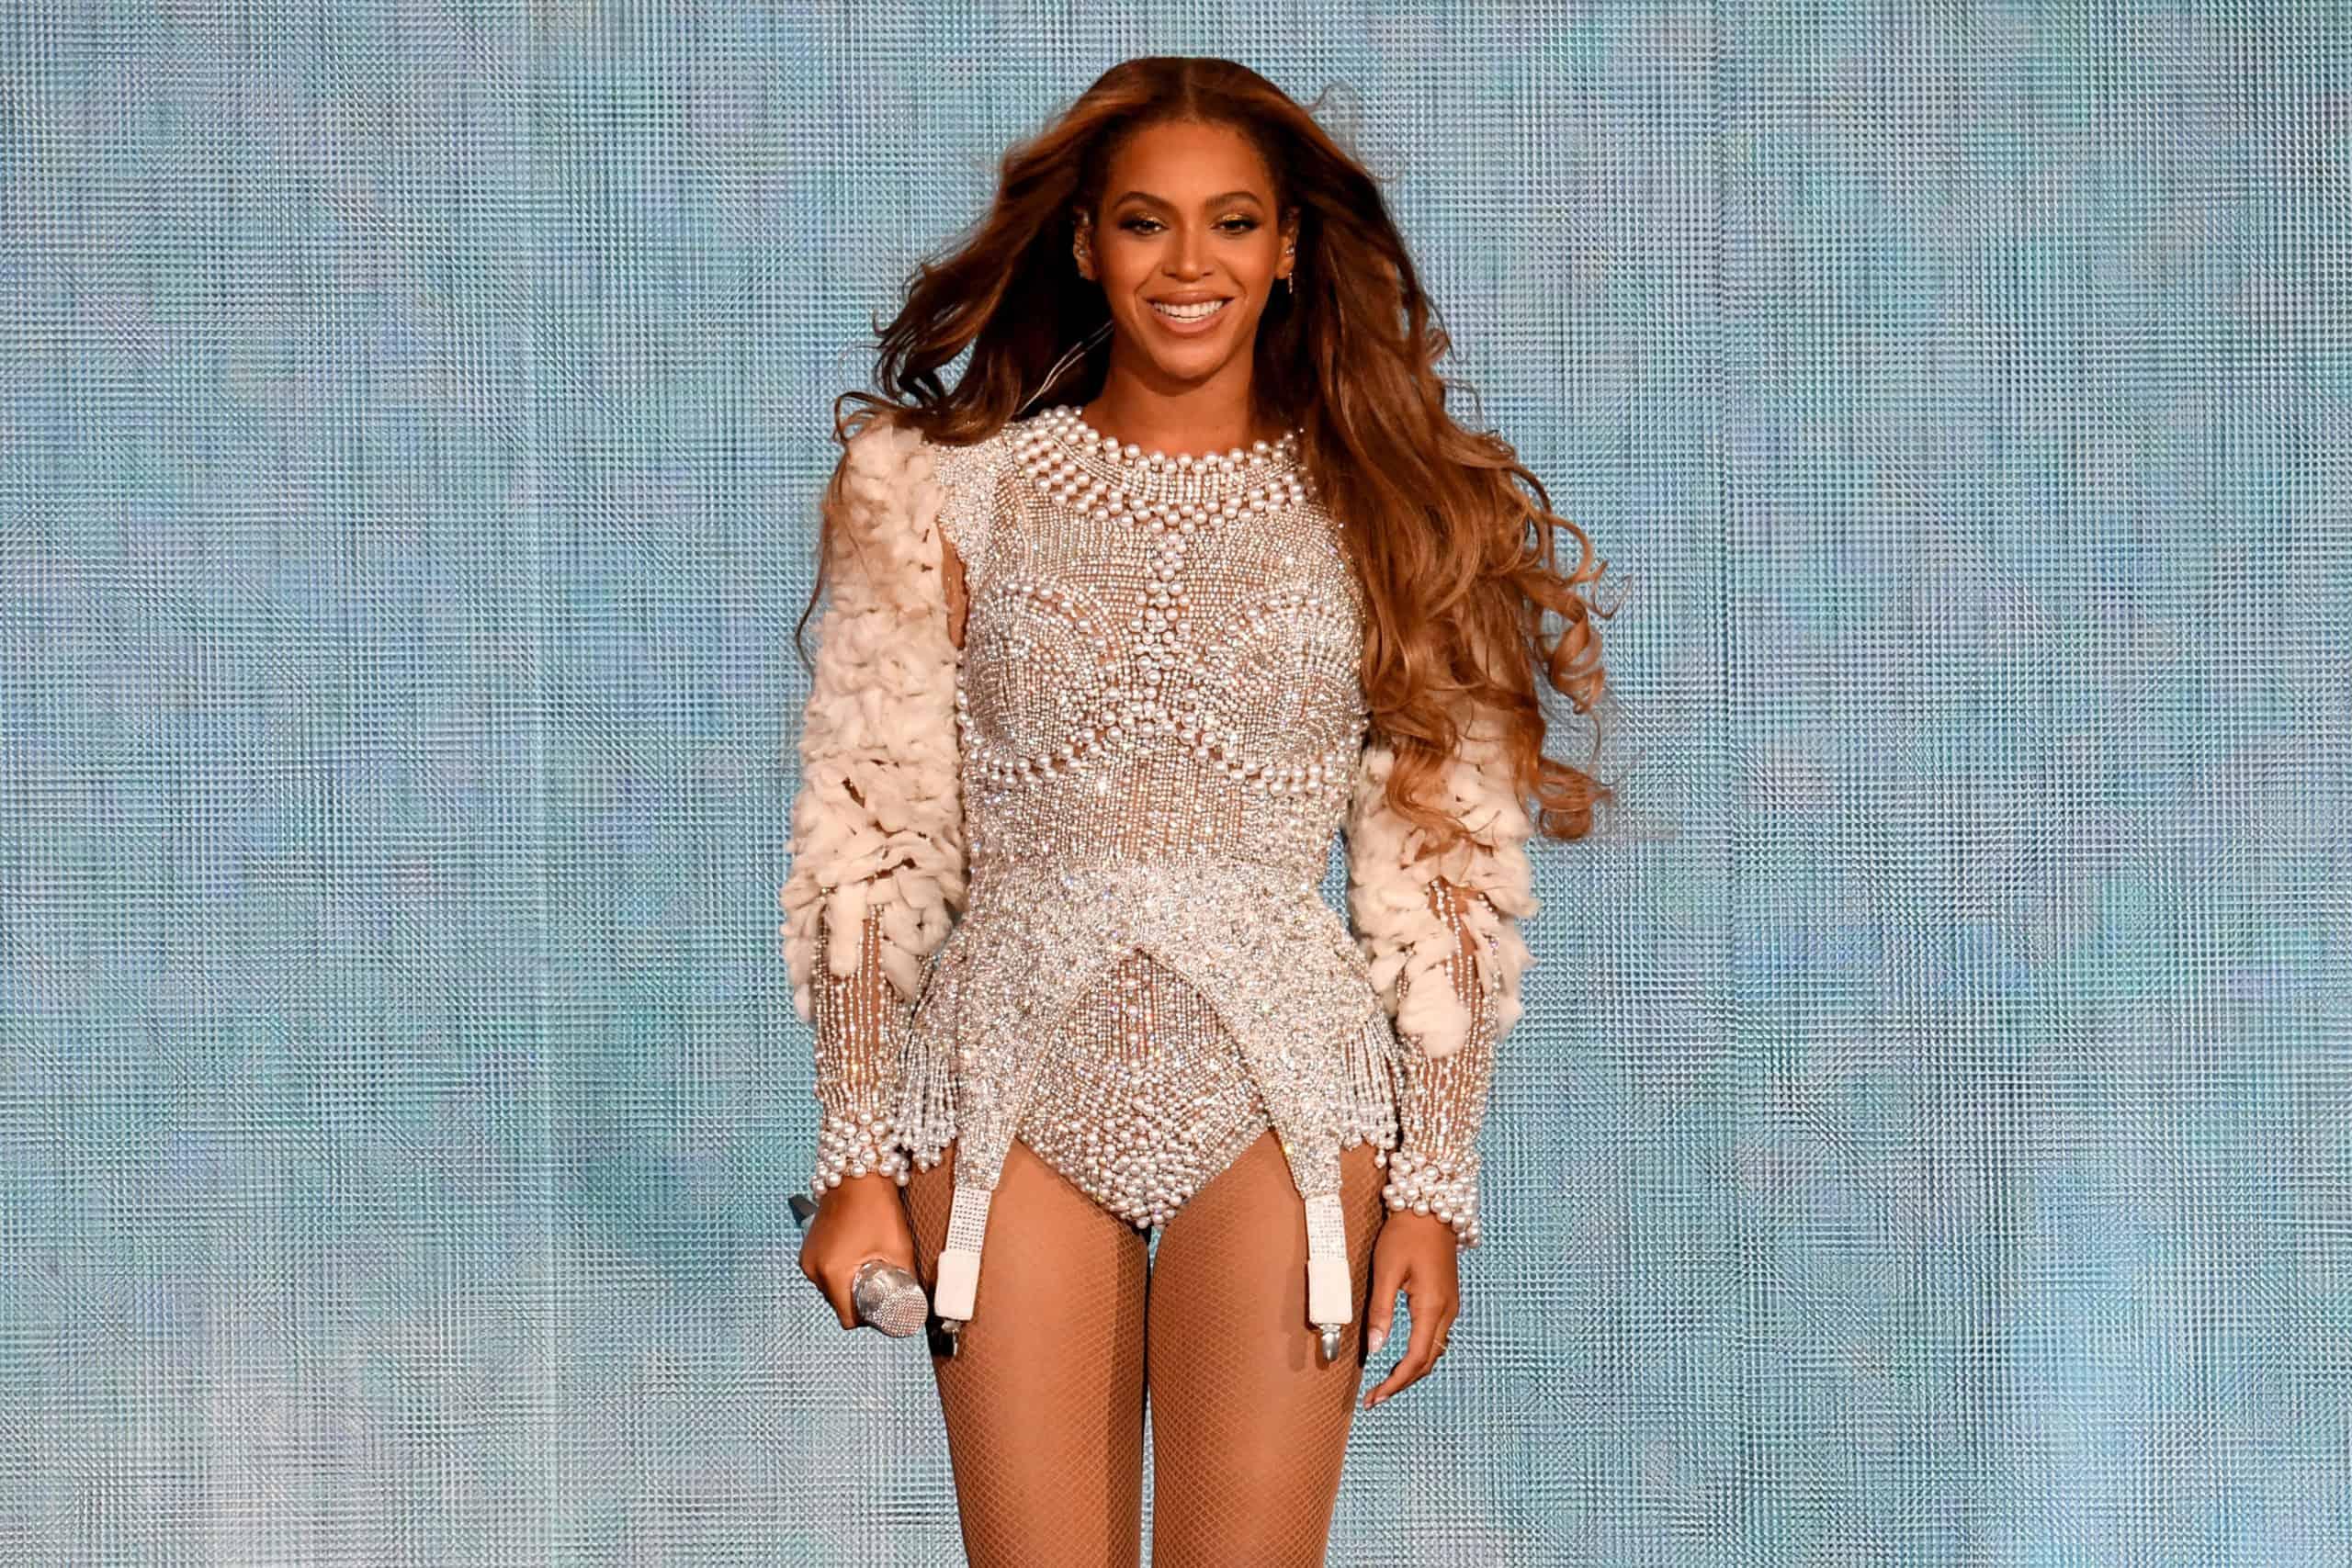 La fundación 'BeyGOOD' de Beyoncé se asocia con Adidas para brindar alivio a los afectados por las tormentas invernales